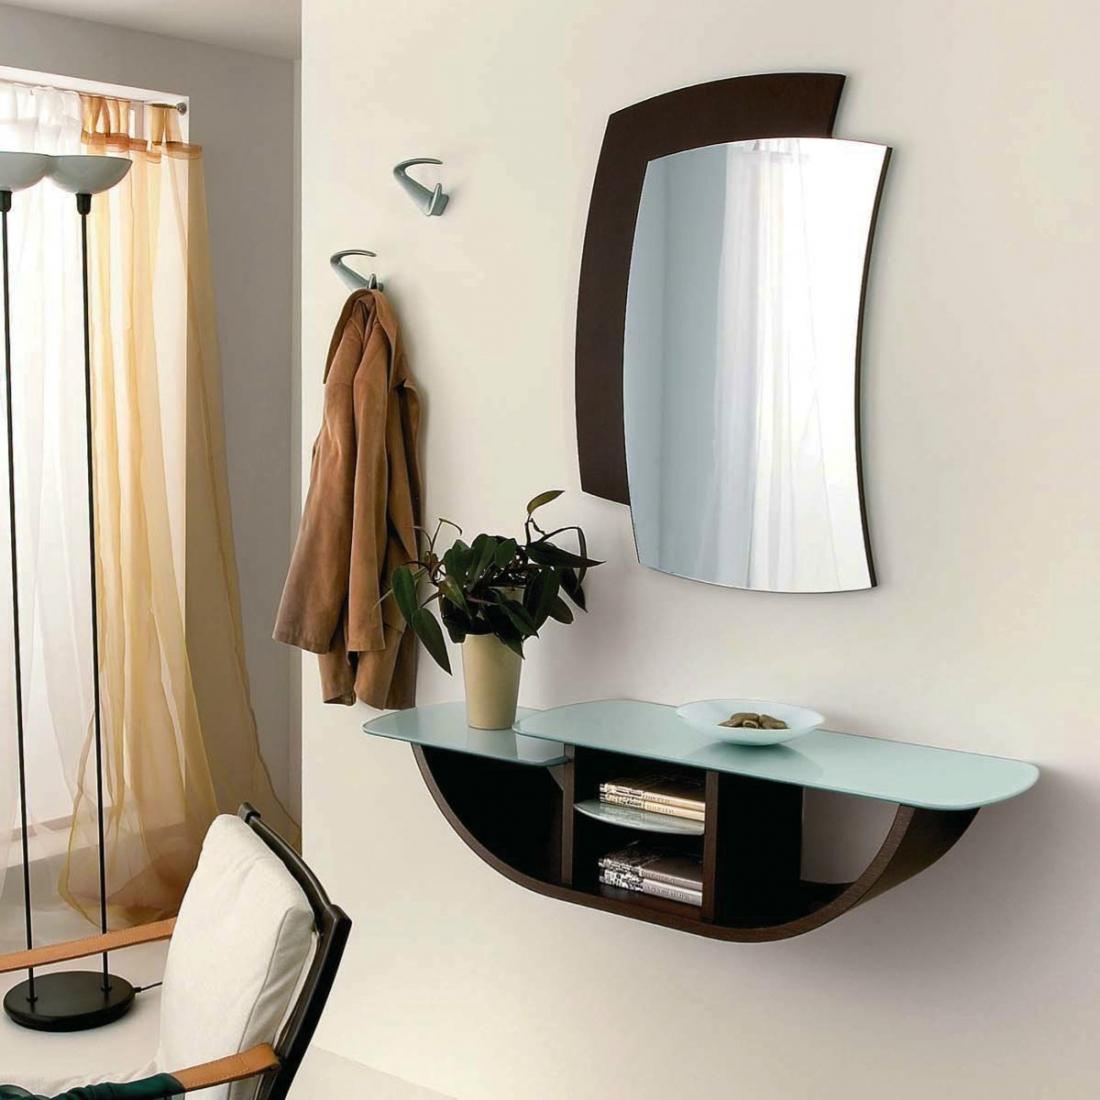 D coration et meubles d 39 entr e design zendart design for Petit meuble deco design